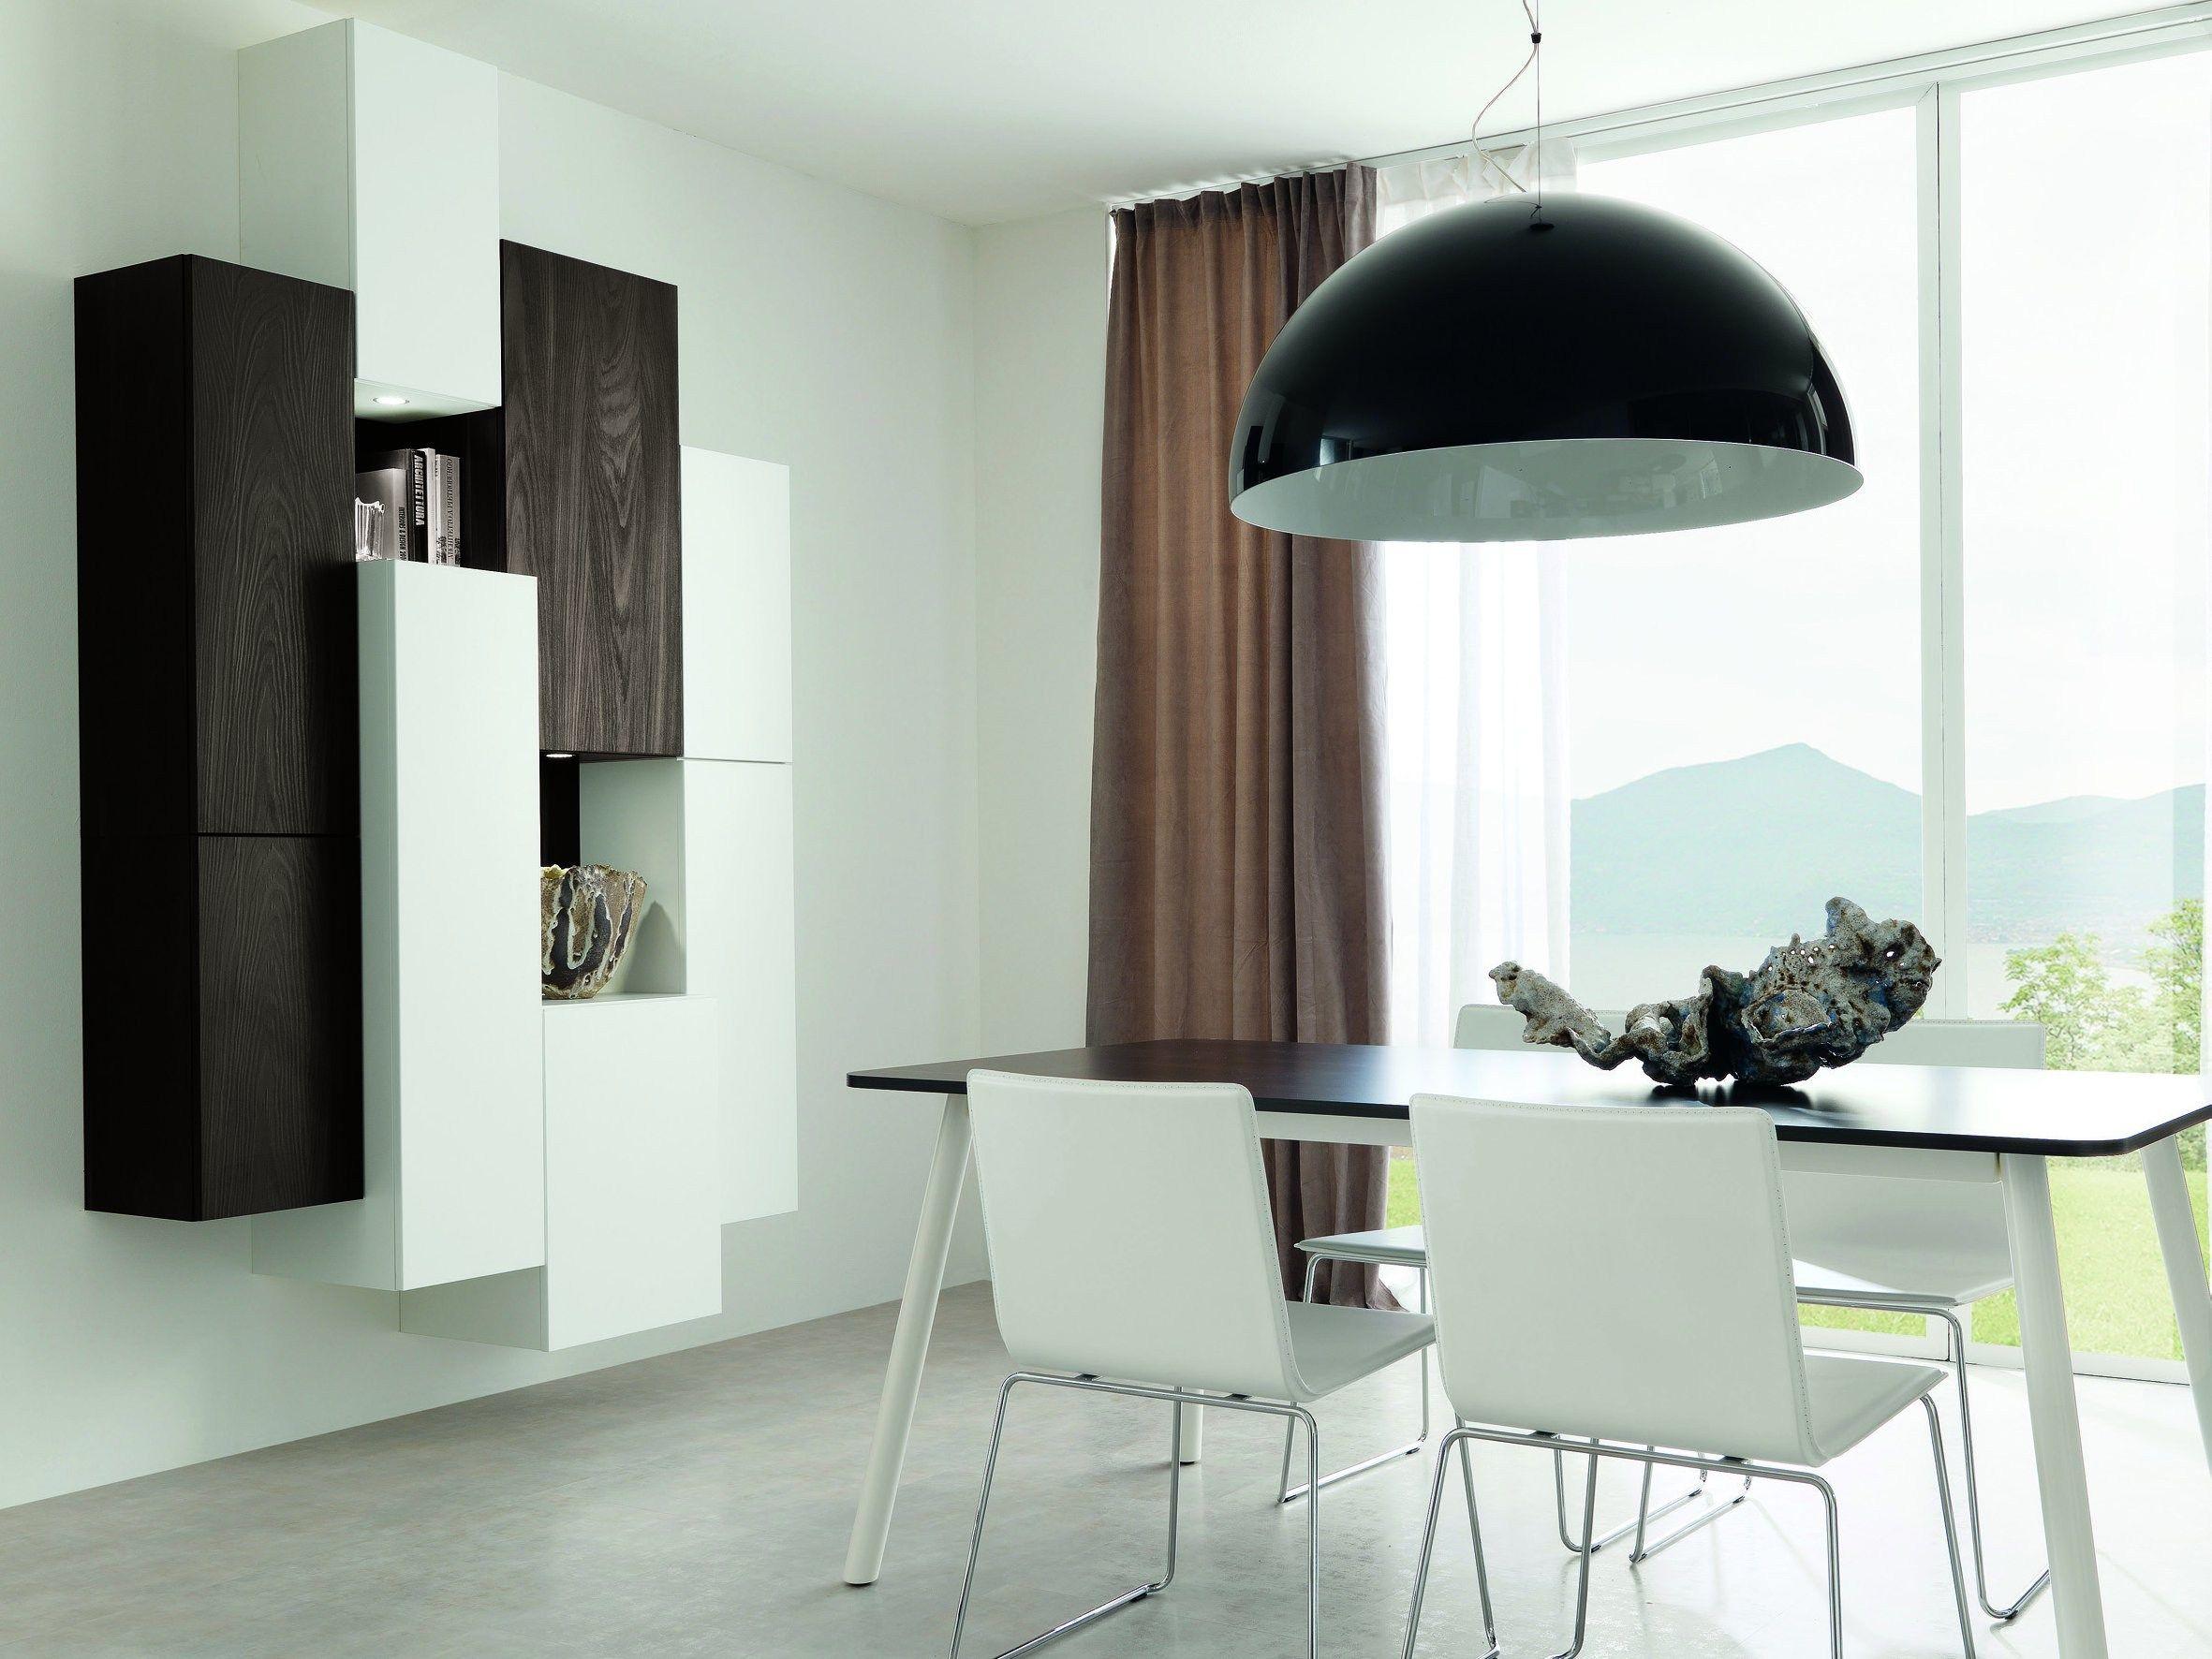 Cucina componibile onetouch by euromobil design edoardo gherardi roberto gobbo - Euromobil cucine prezzi ...